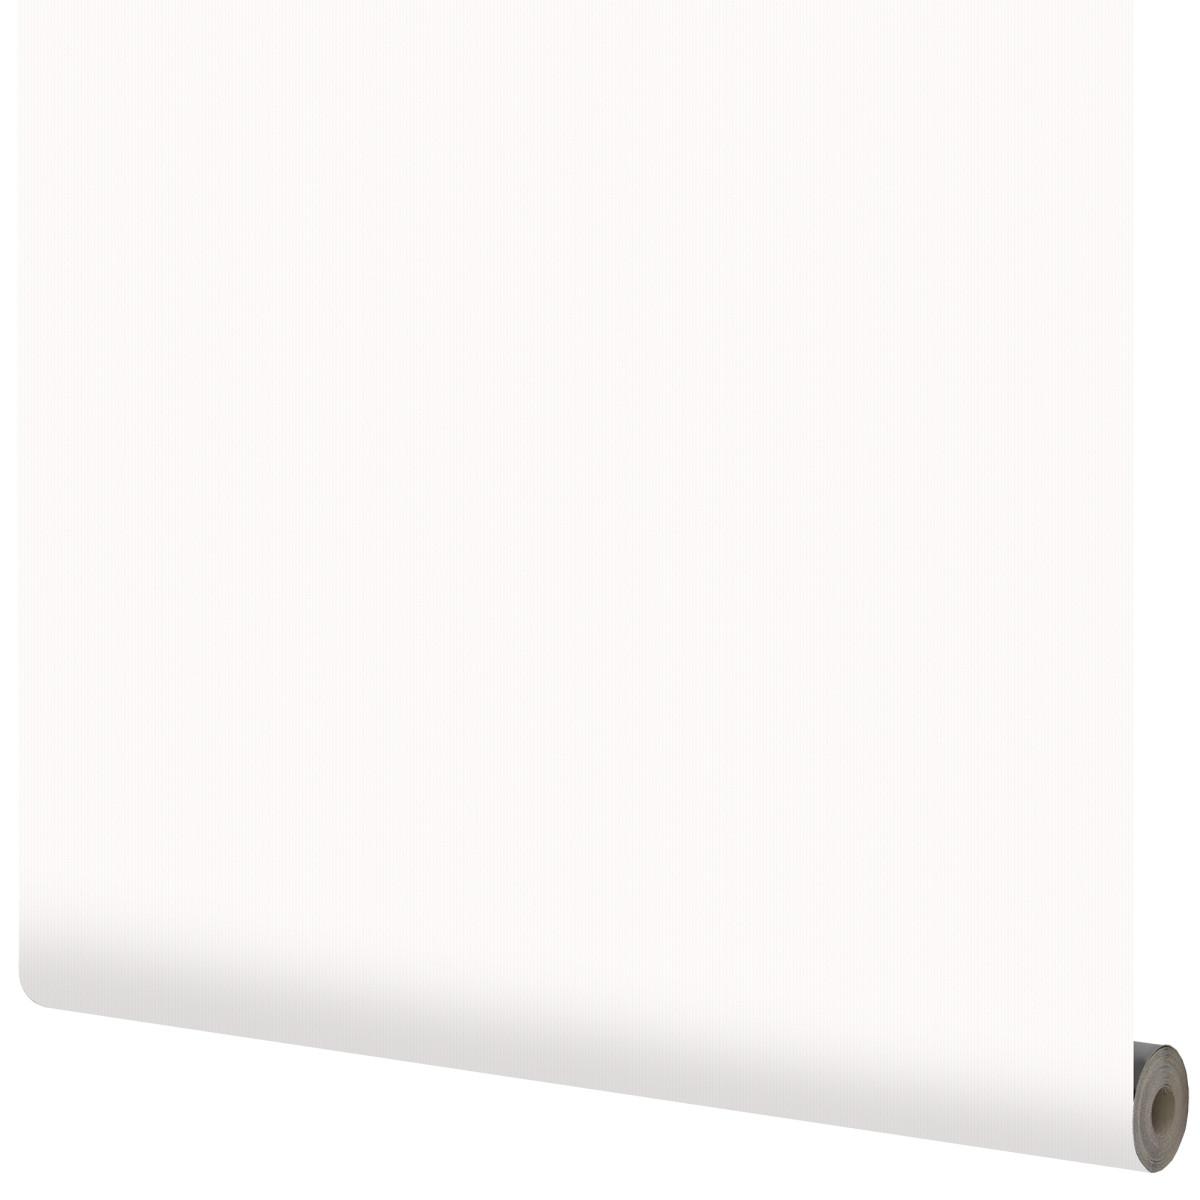 Обои флизелиновые Аспект Тюльпаны белые 1.06 м 30151-14